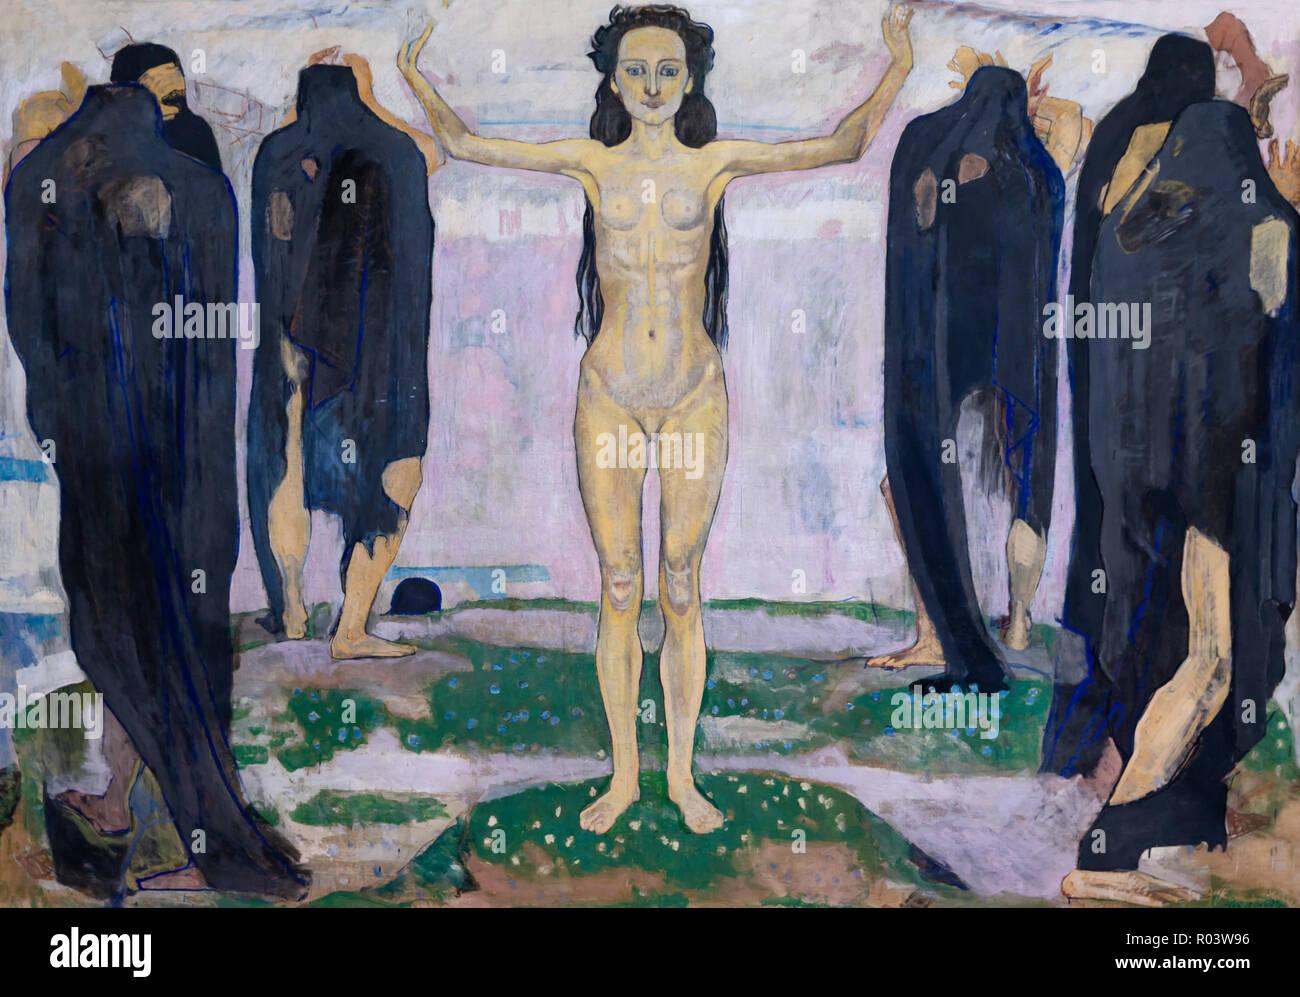 La verità, Ferdinand Hodler, 1902, Zurigo Kunsthaus di Zurigo, Svizzera, Europa Immagini Stock